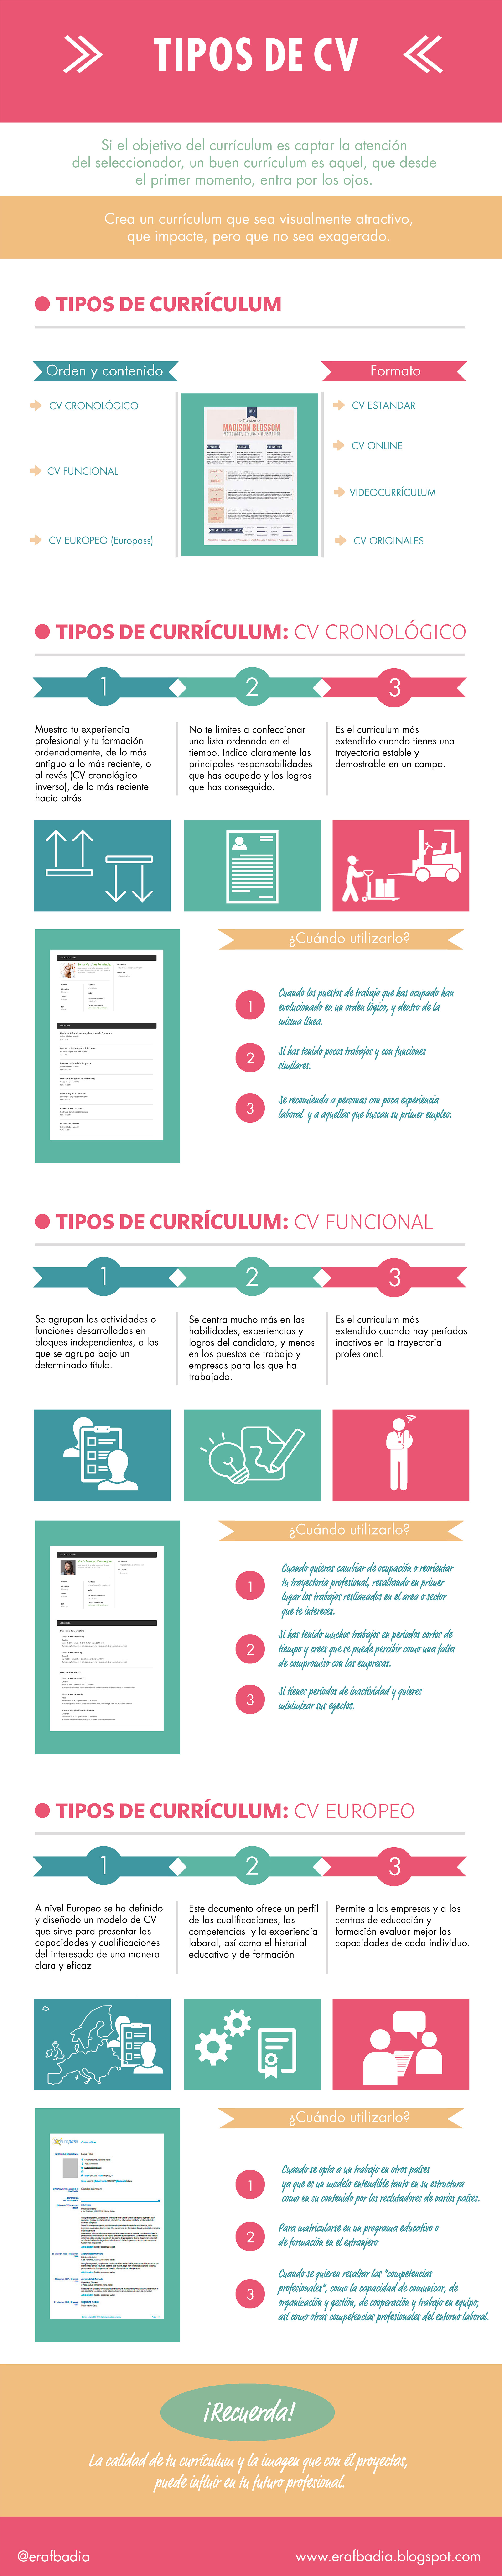 infografia-tipos-de-curriculum-y-cuando-utilizarlos